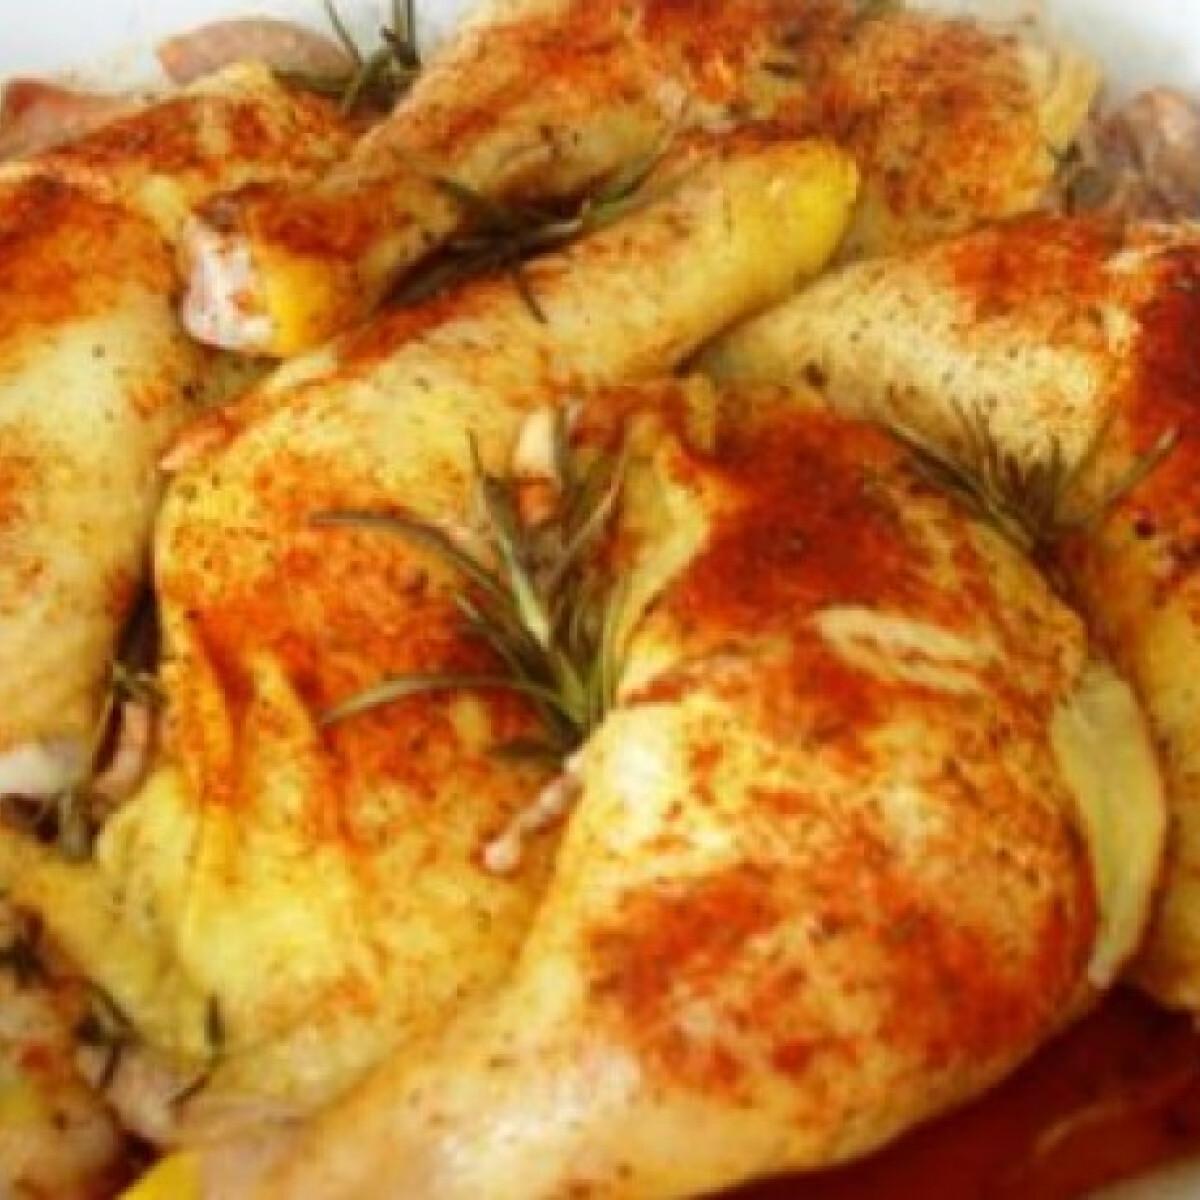 Ezen a képen: Szalonnán sült fokhagymás csirkecombok